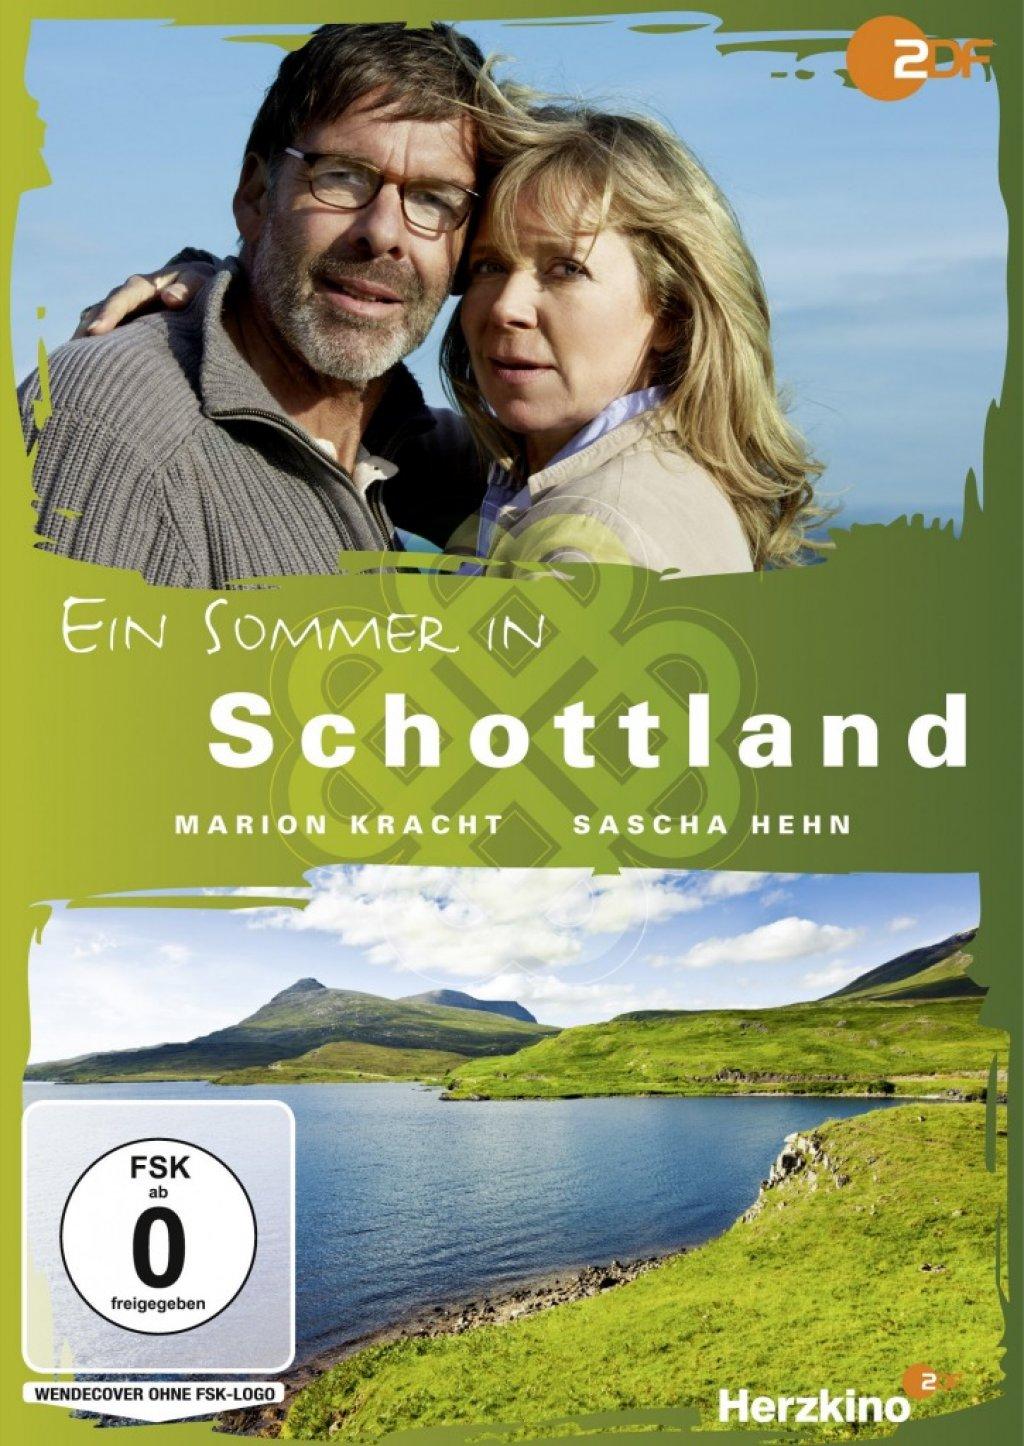 Ein Sommer in Schottland - Herzkino (DVD)